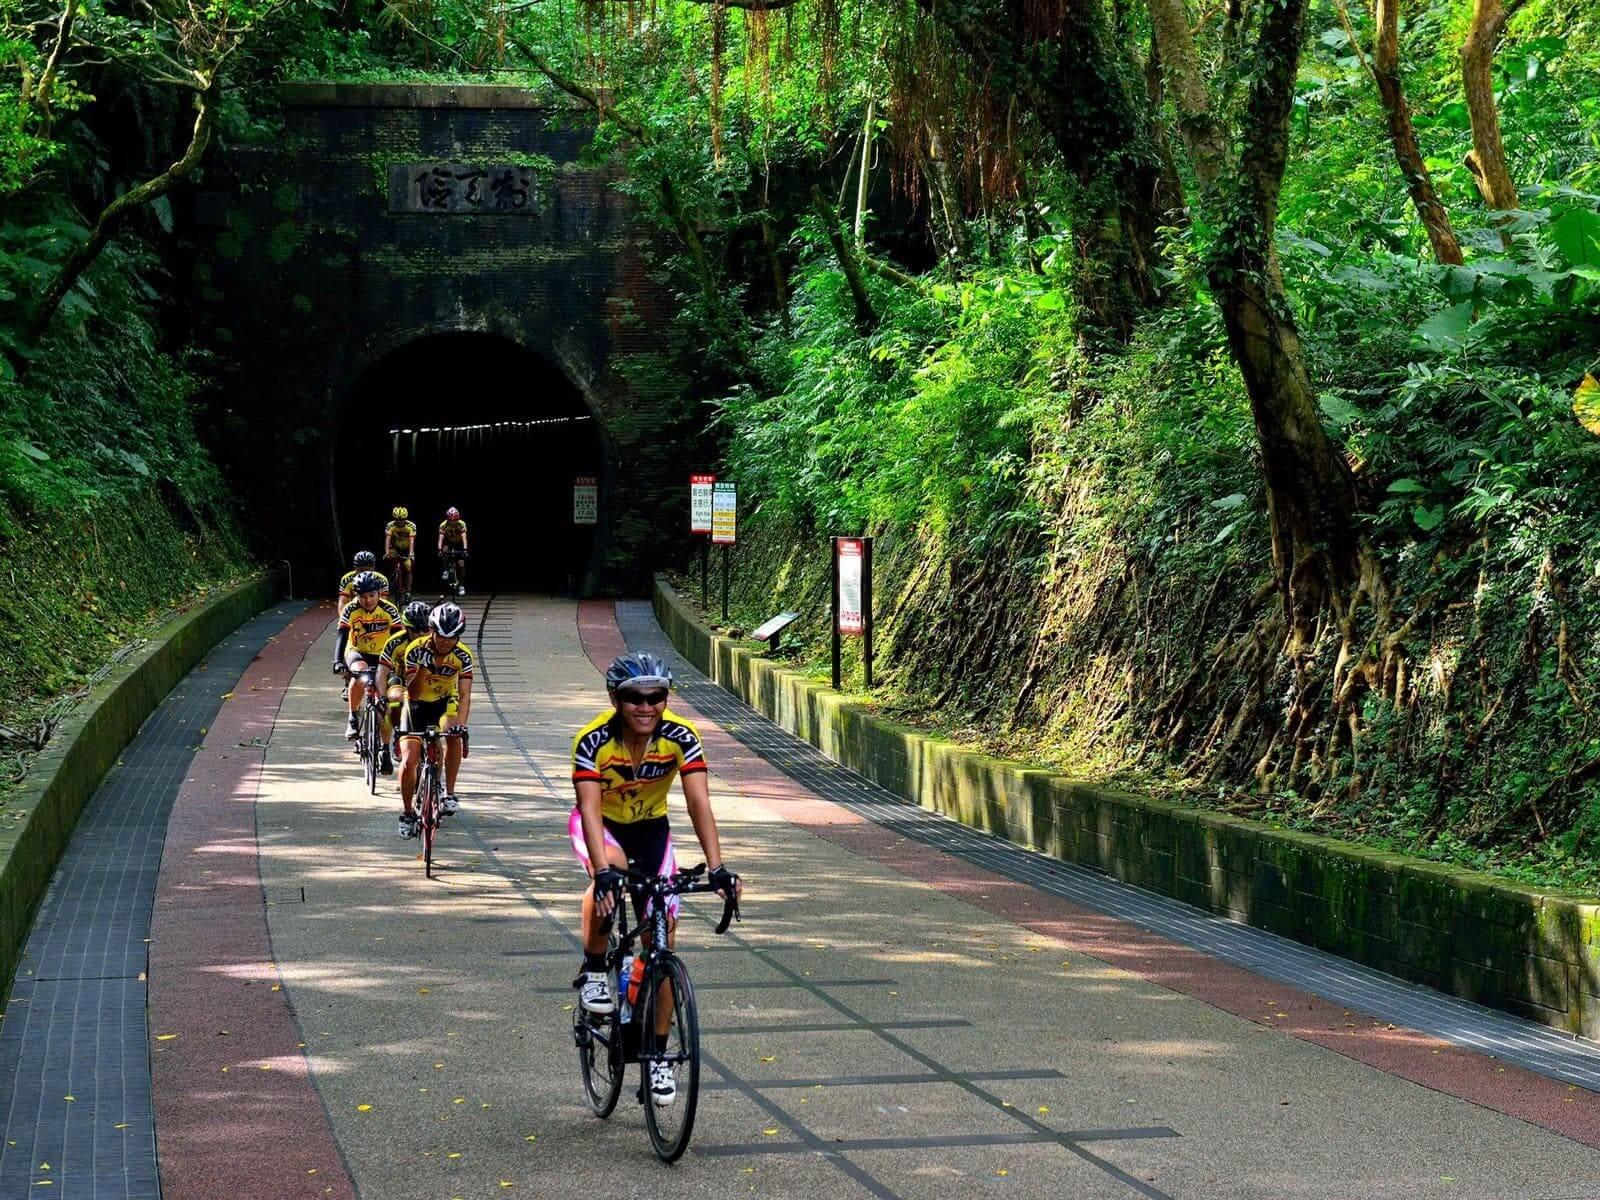 「樂活運動」結合今年2021自行車旅遊年元素,以單車遊走山海秘境。